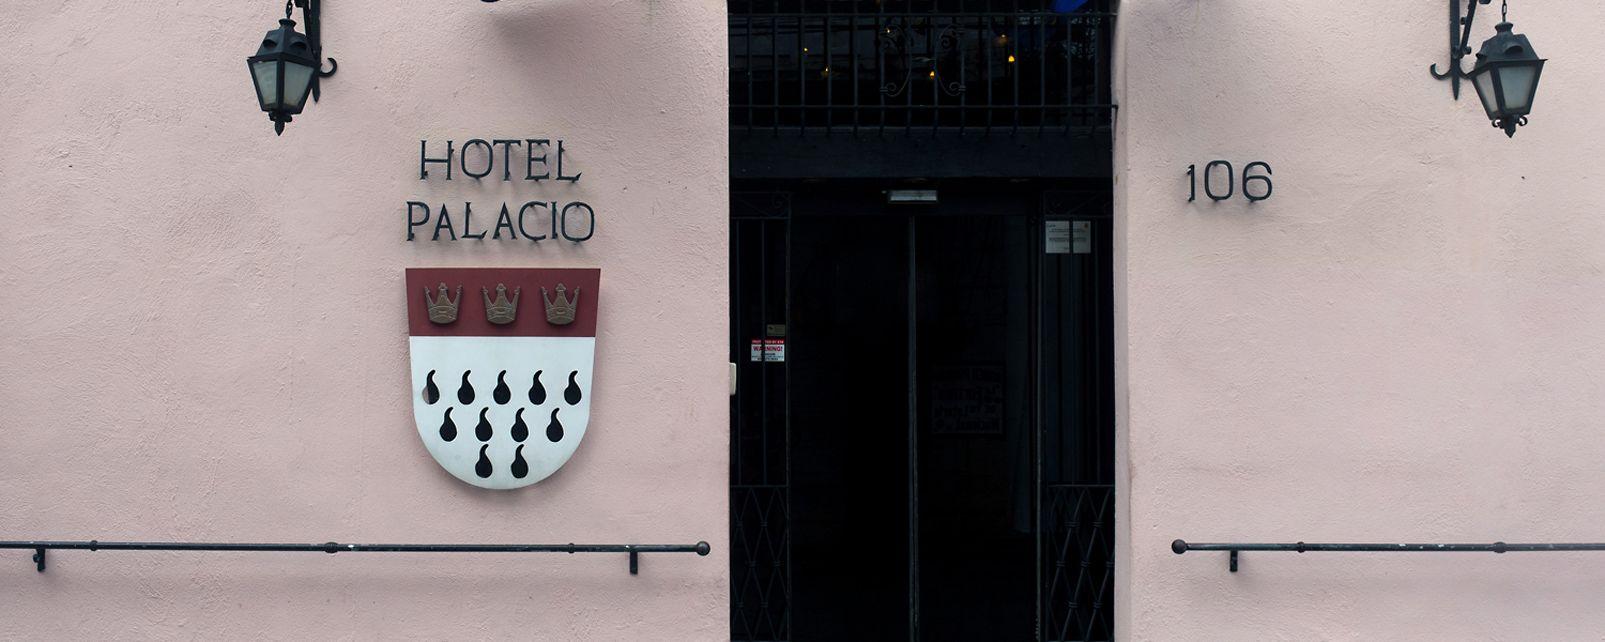 Hotel El Palacio